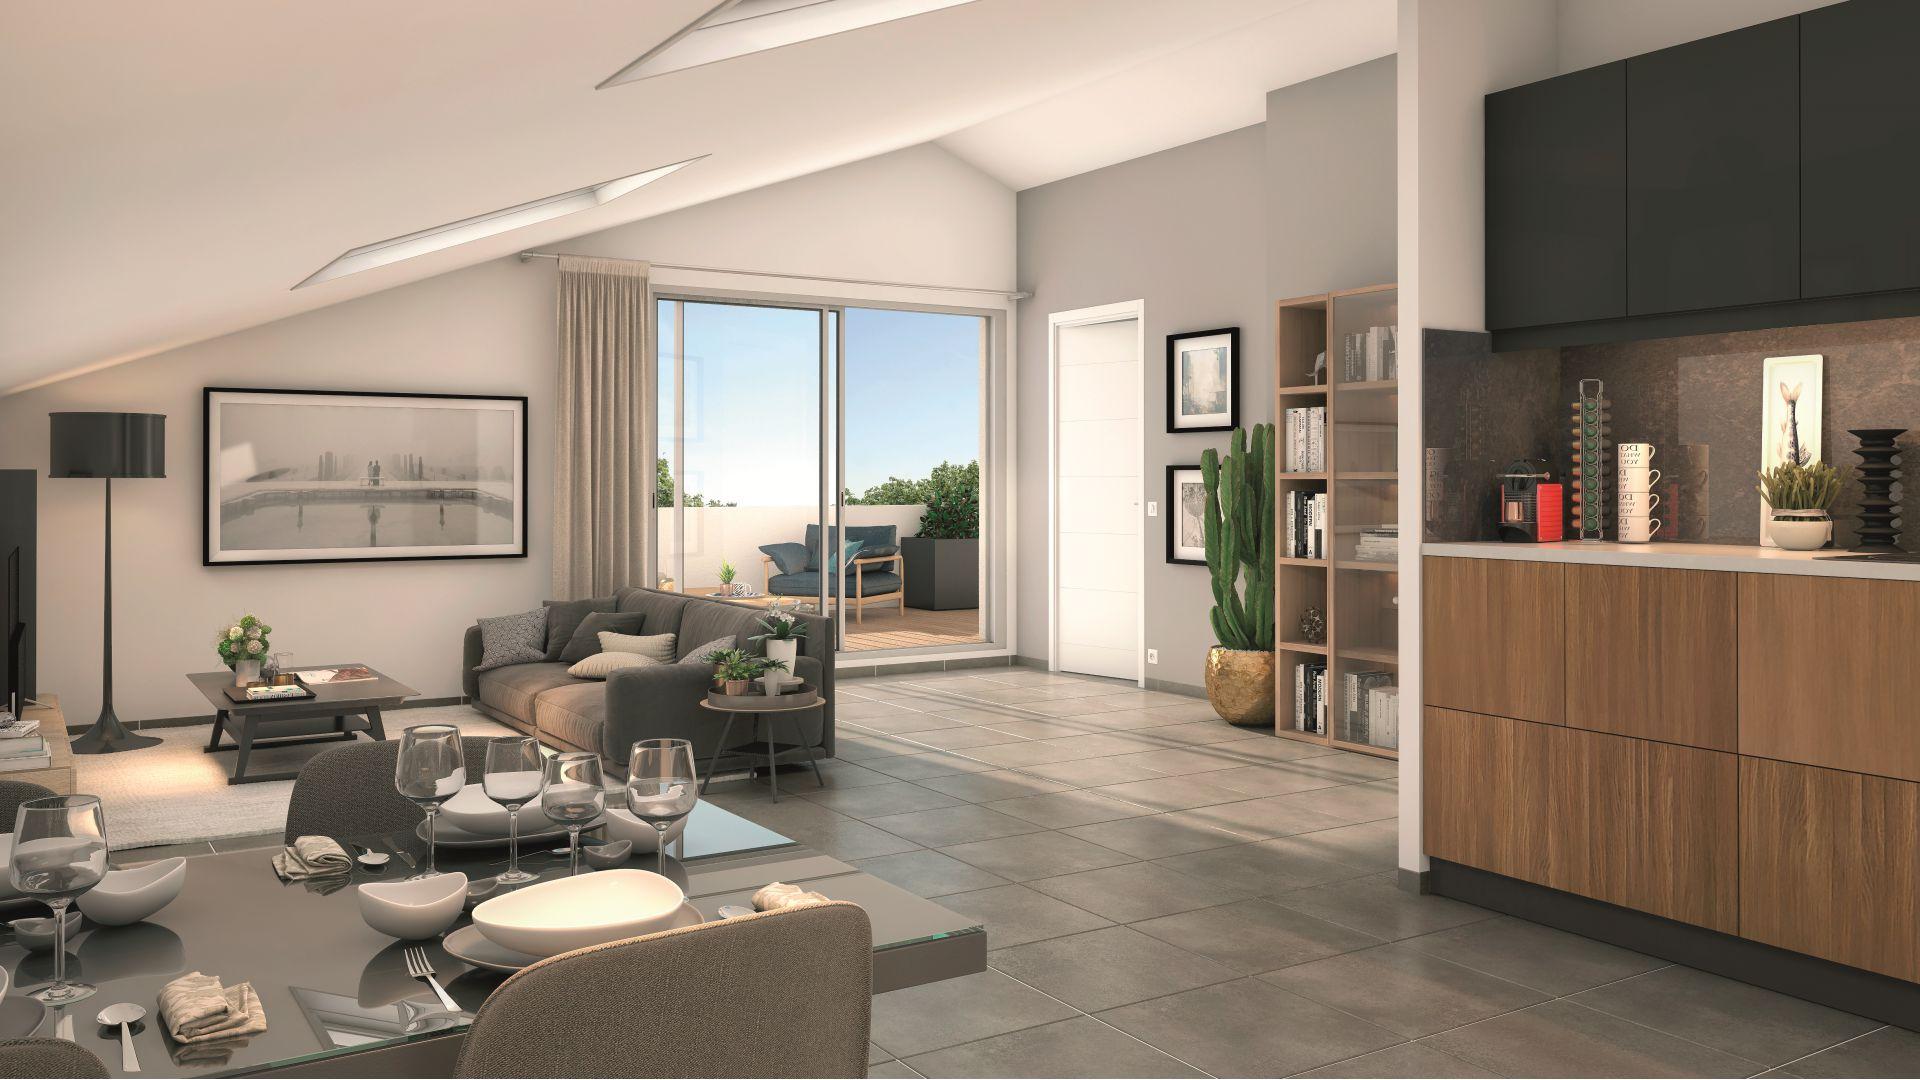 Greencity Immobilier - Le Bogey - Toulouse Saint-Simon 31100 intérieur Villa T4